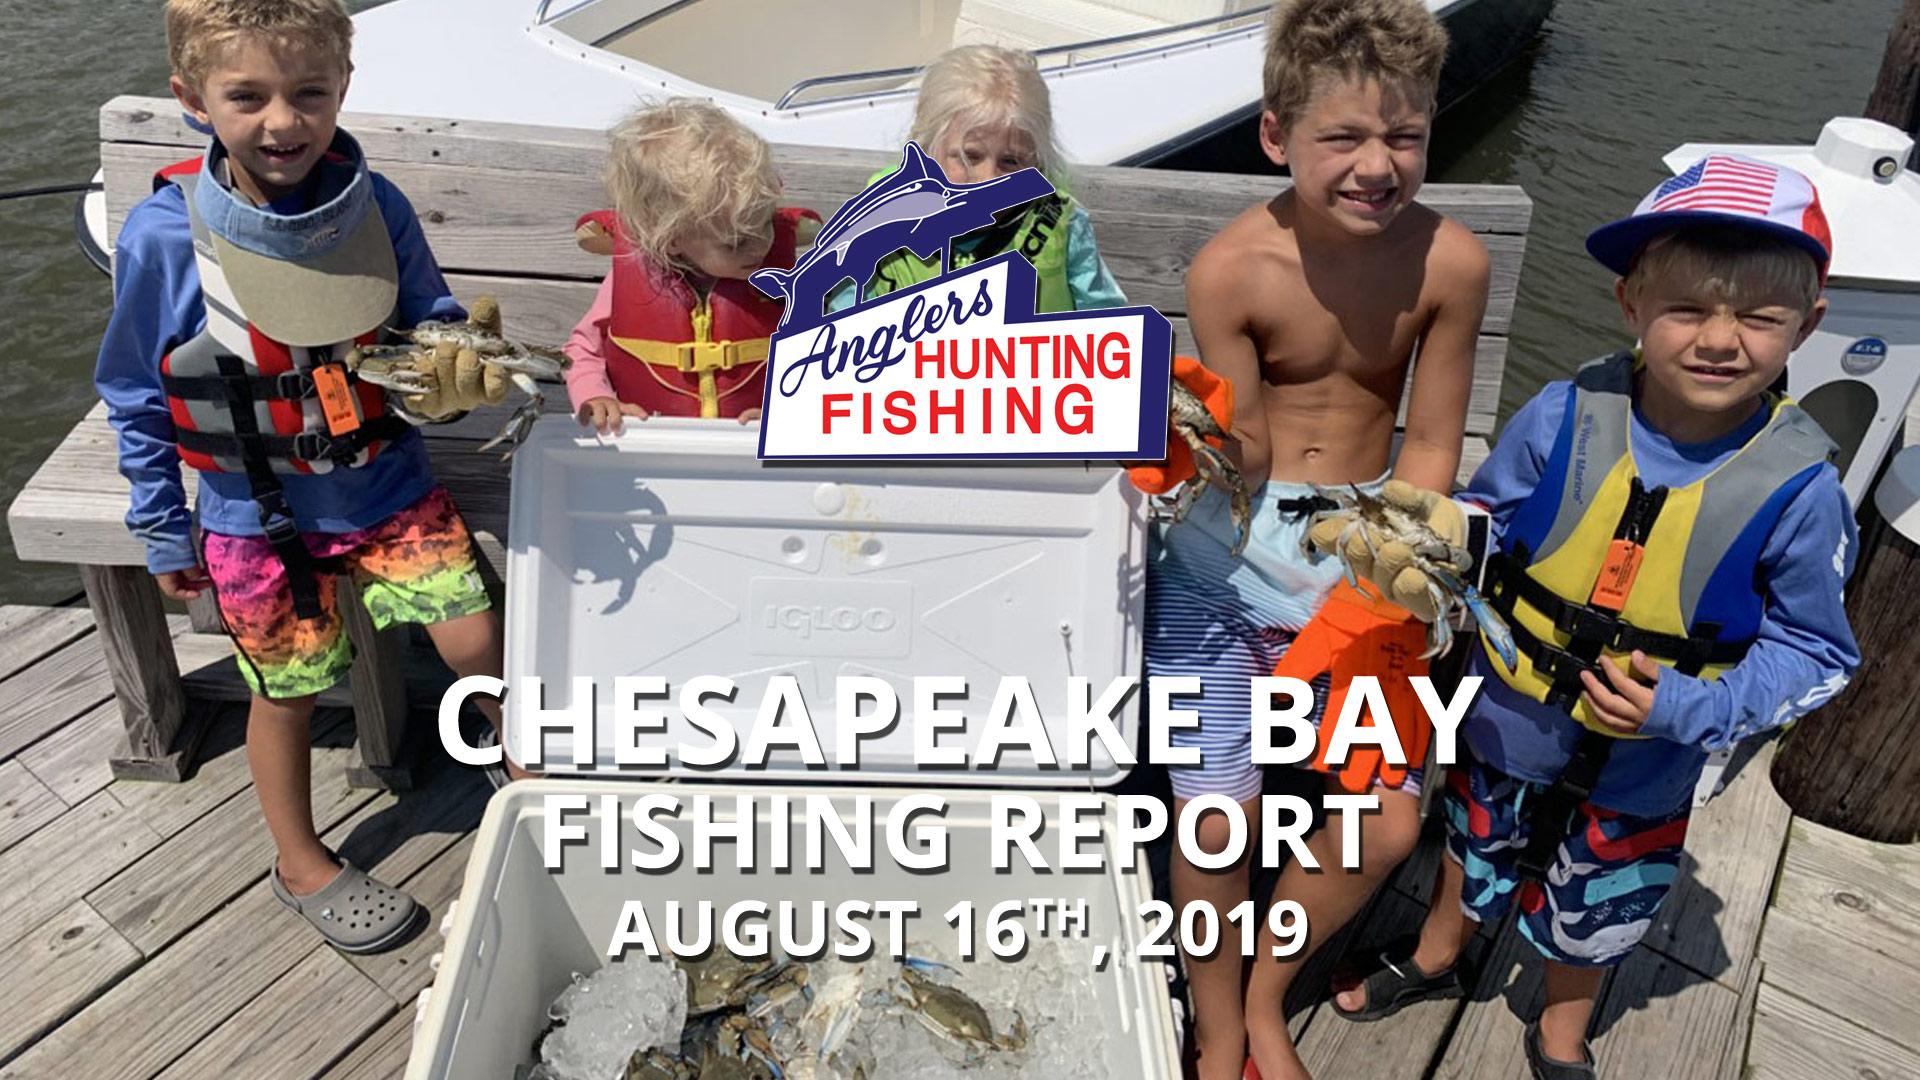 Chesapeake Bay Fishing Report - August 16th, 2019